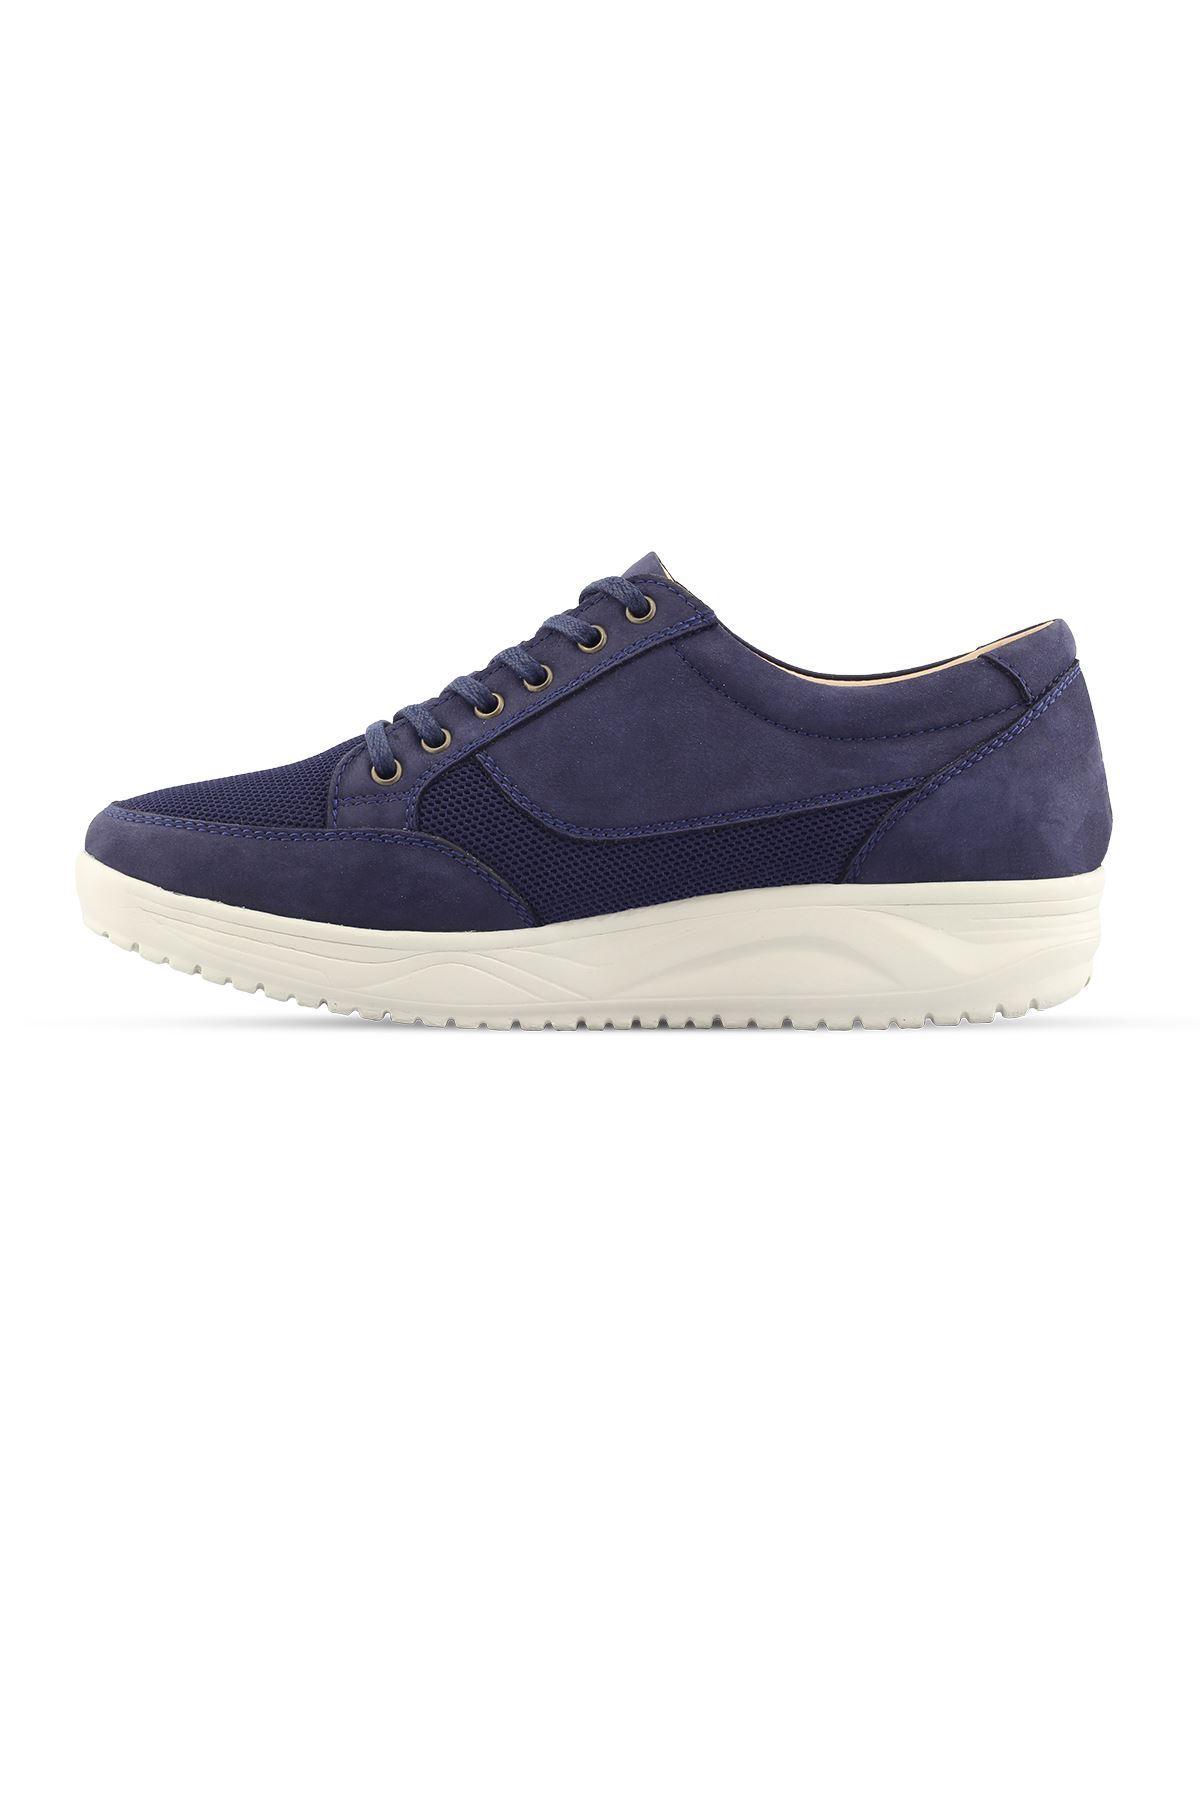 1656 Nubuk Lacivert Erkek Yürüyüş Ayakkabısı